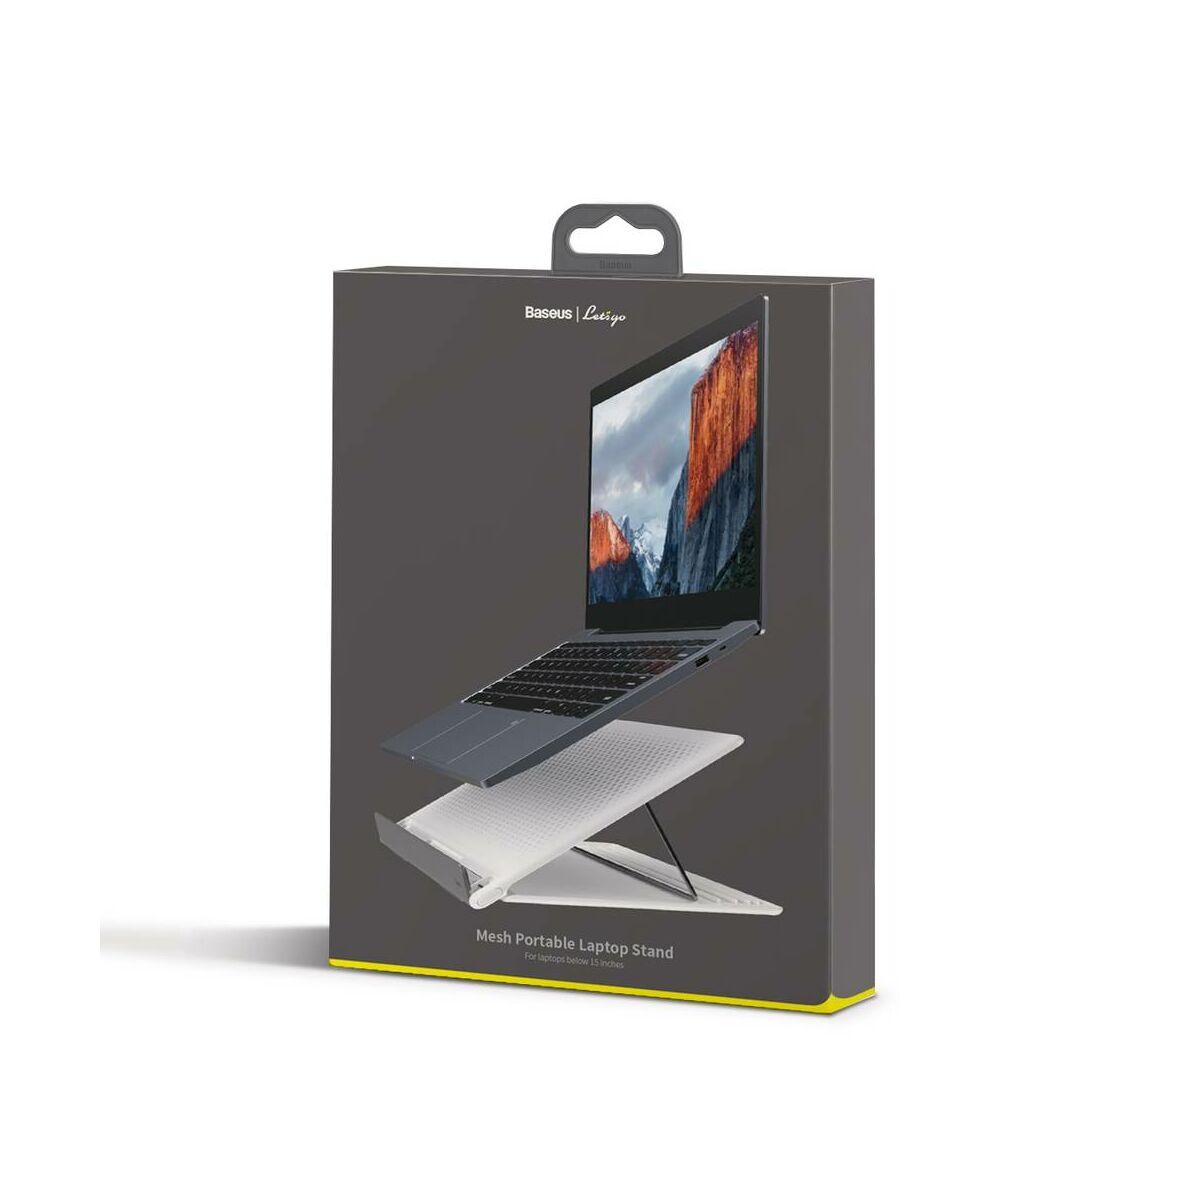 Baseus MacBook és Laptop tartó Lets go Mesh hordozható és kinyitható állvány 11-16 inch közötti mérethez, fehér/szürke (SUDD-2G)